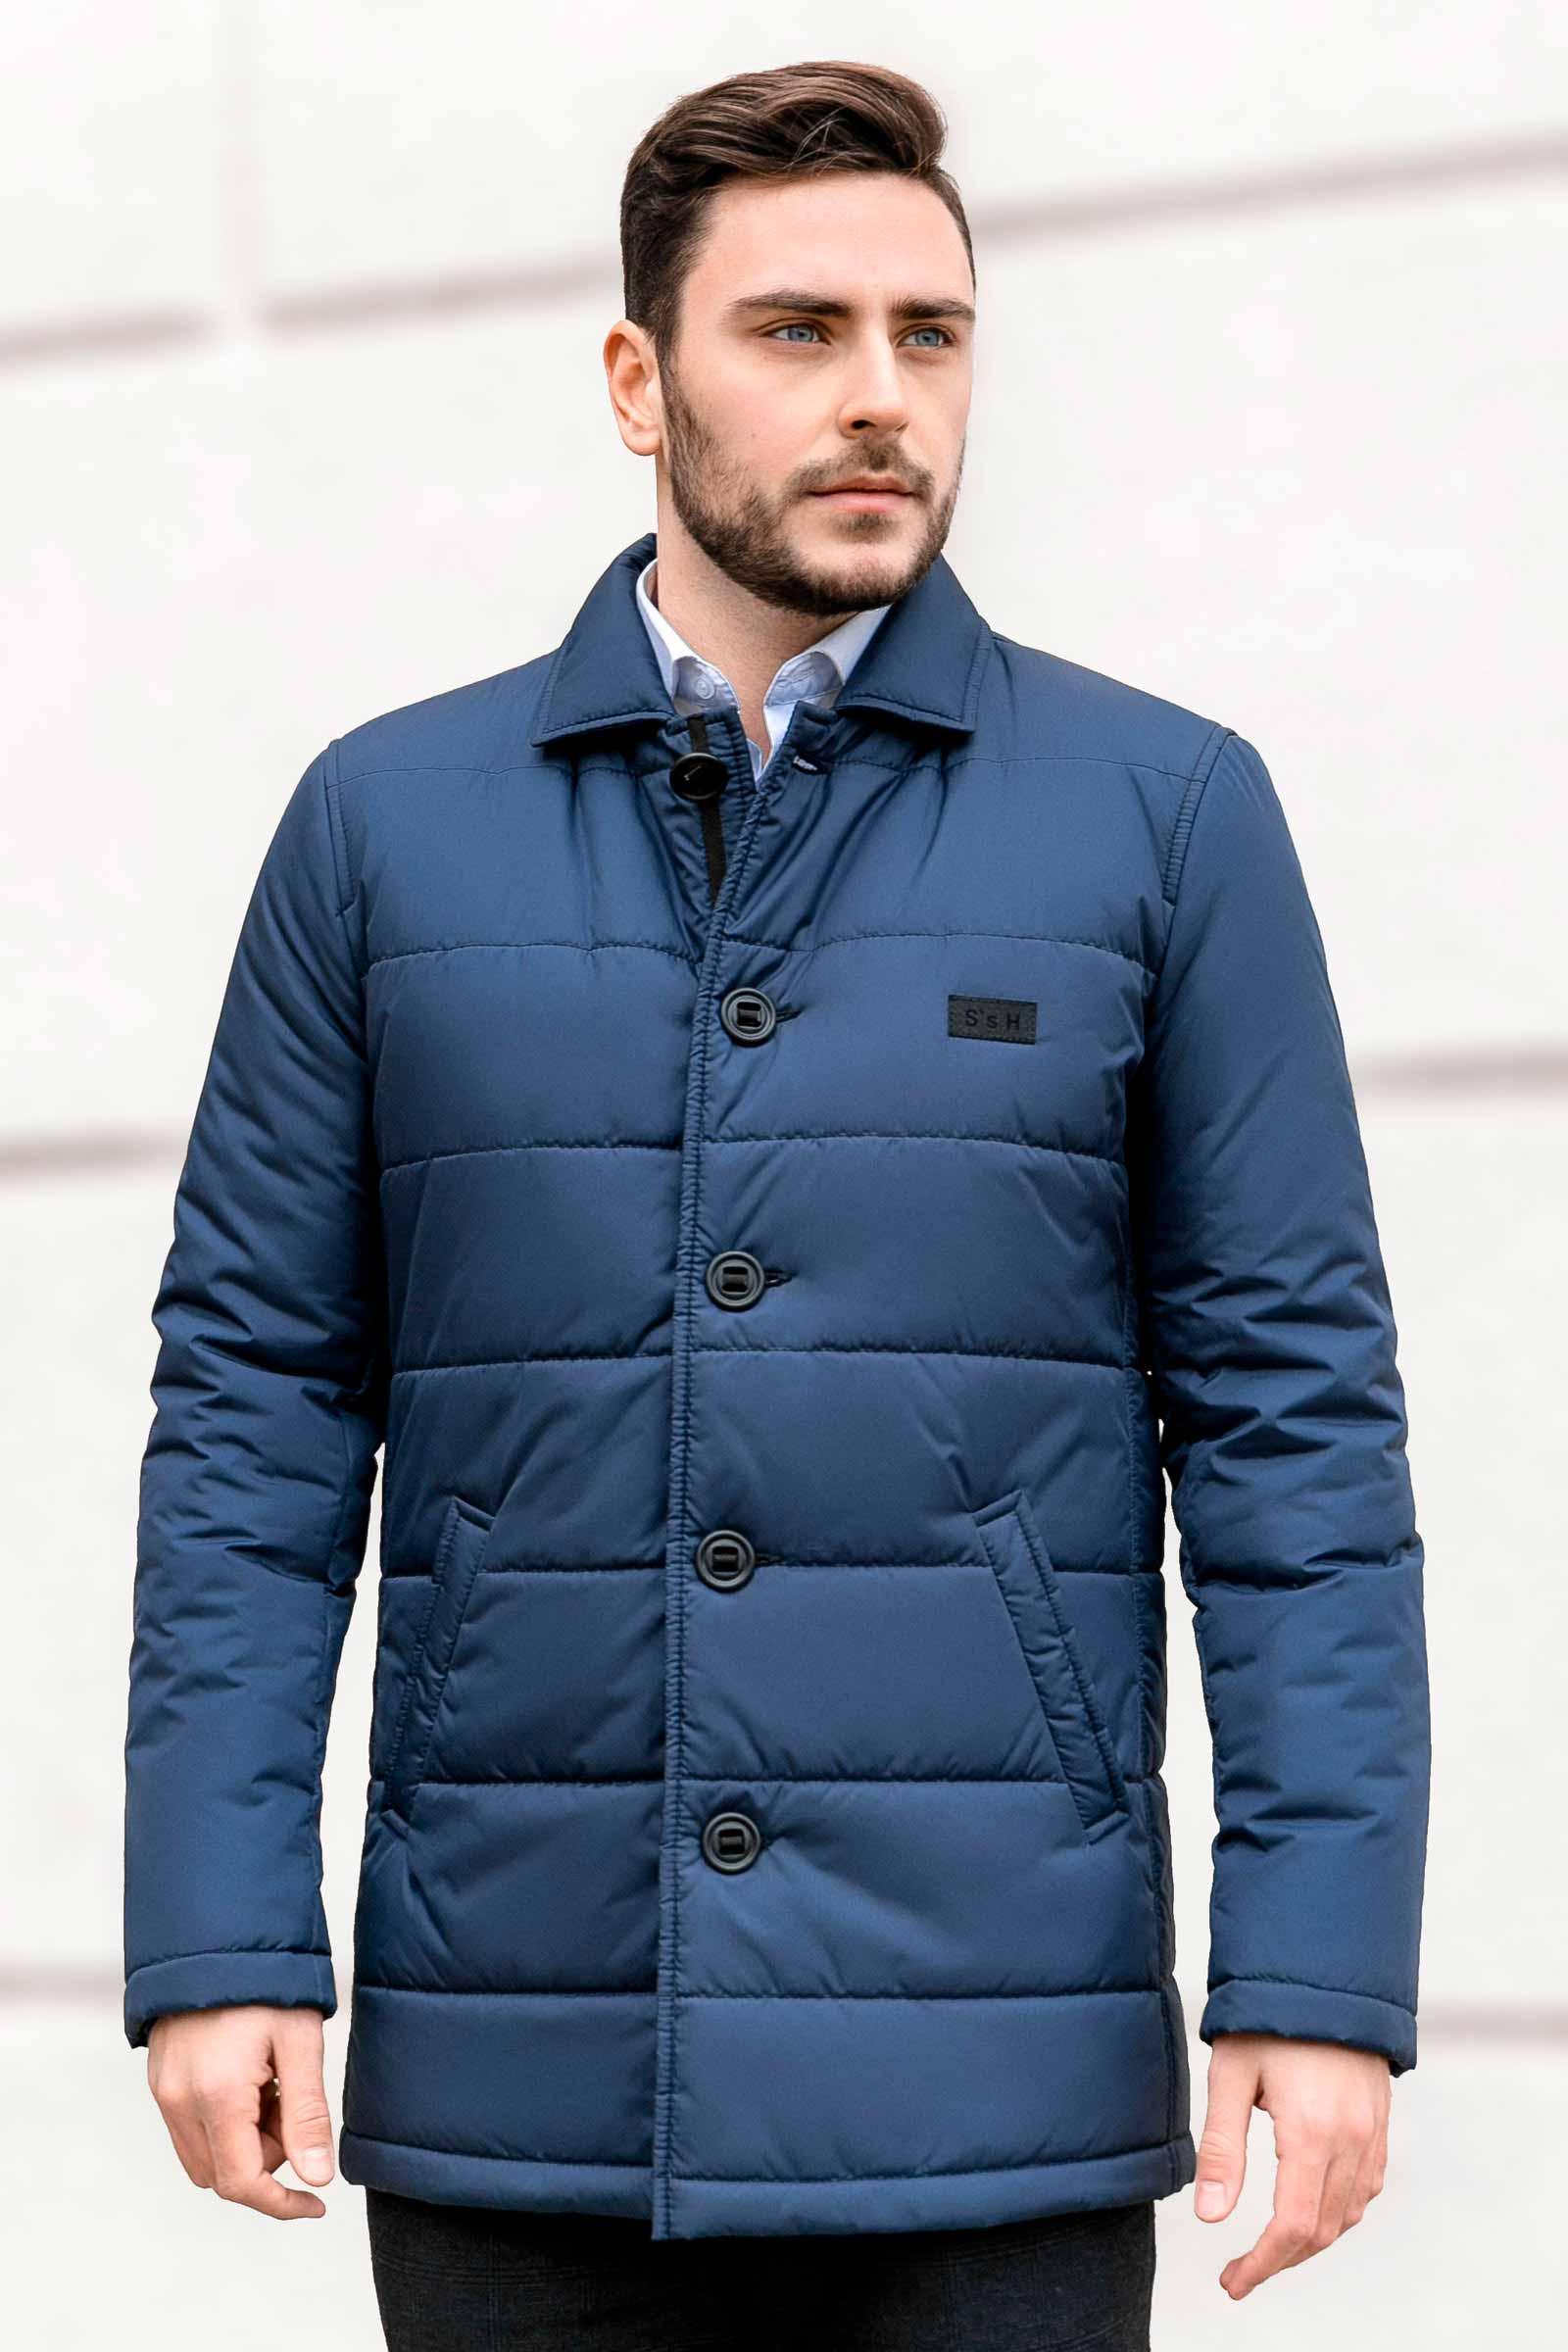 Купить мужскую стеганую куртку Харьков